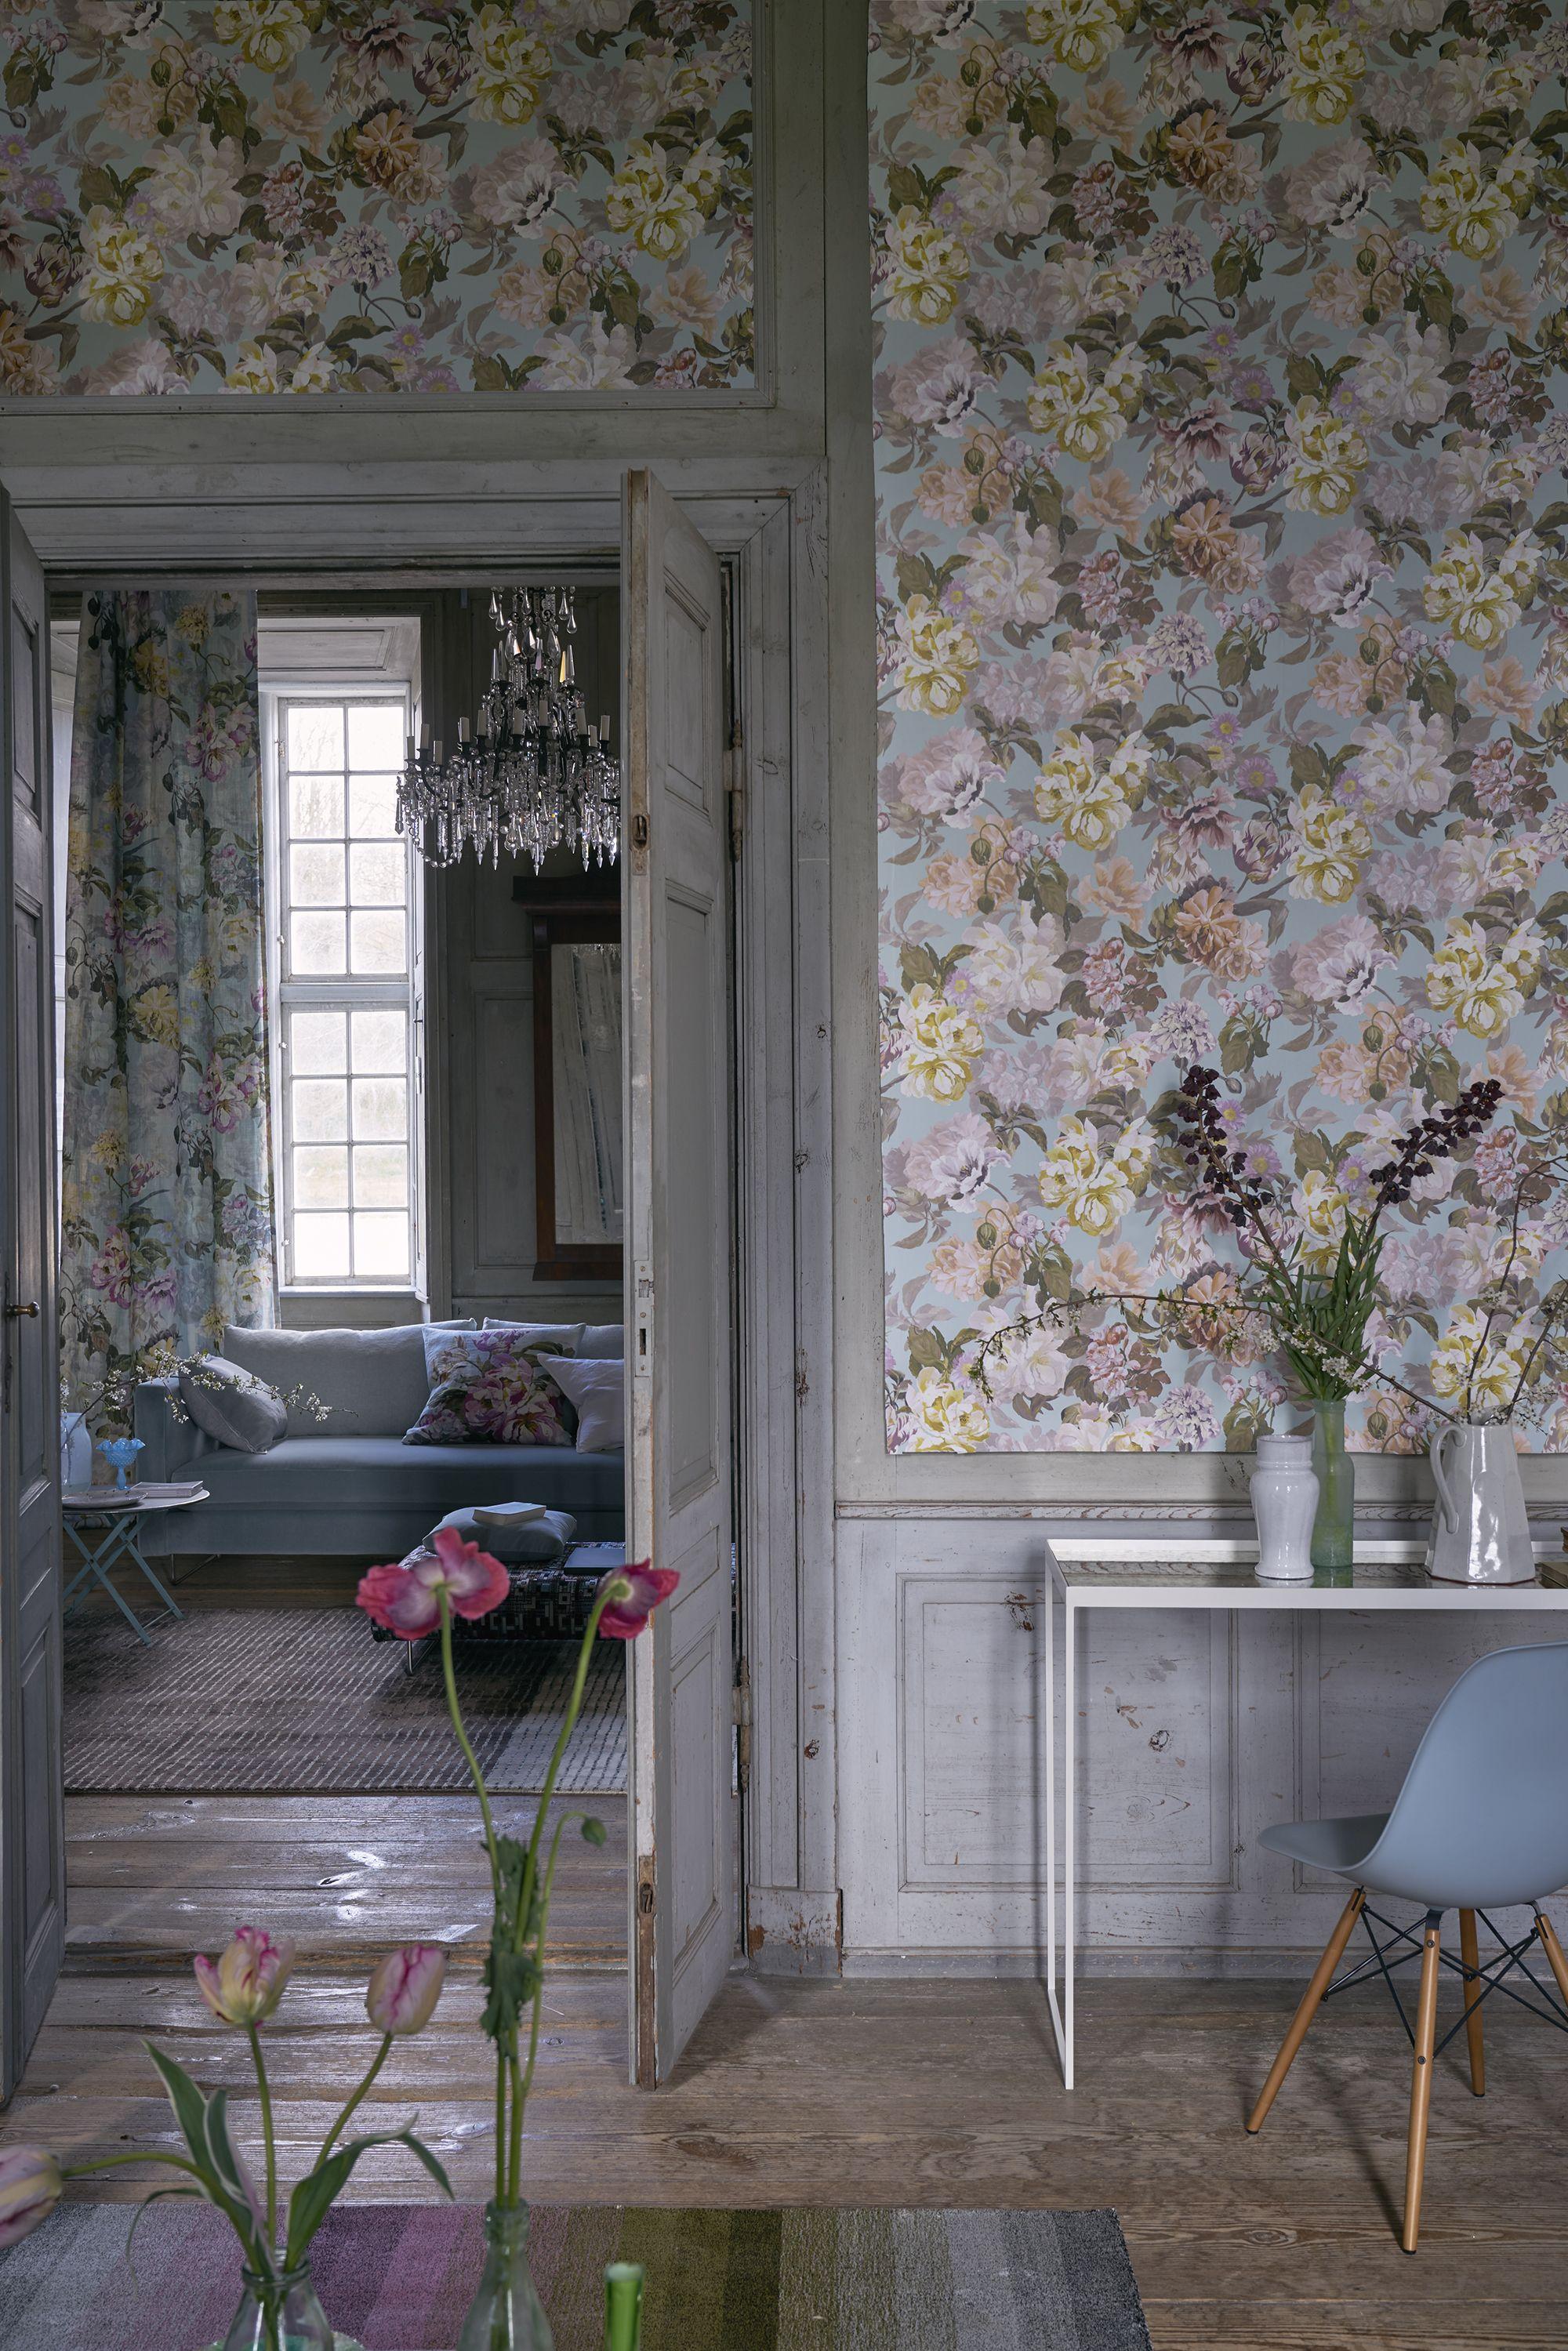 designers guild delft flower wallpaper dcor de papier peint papier peint fleurs chambres